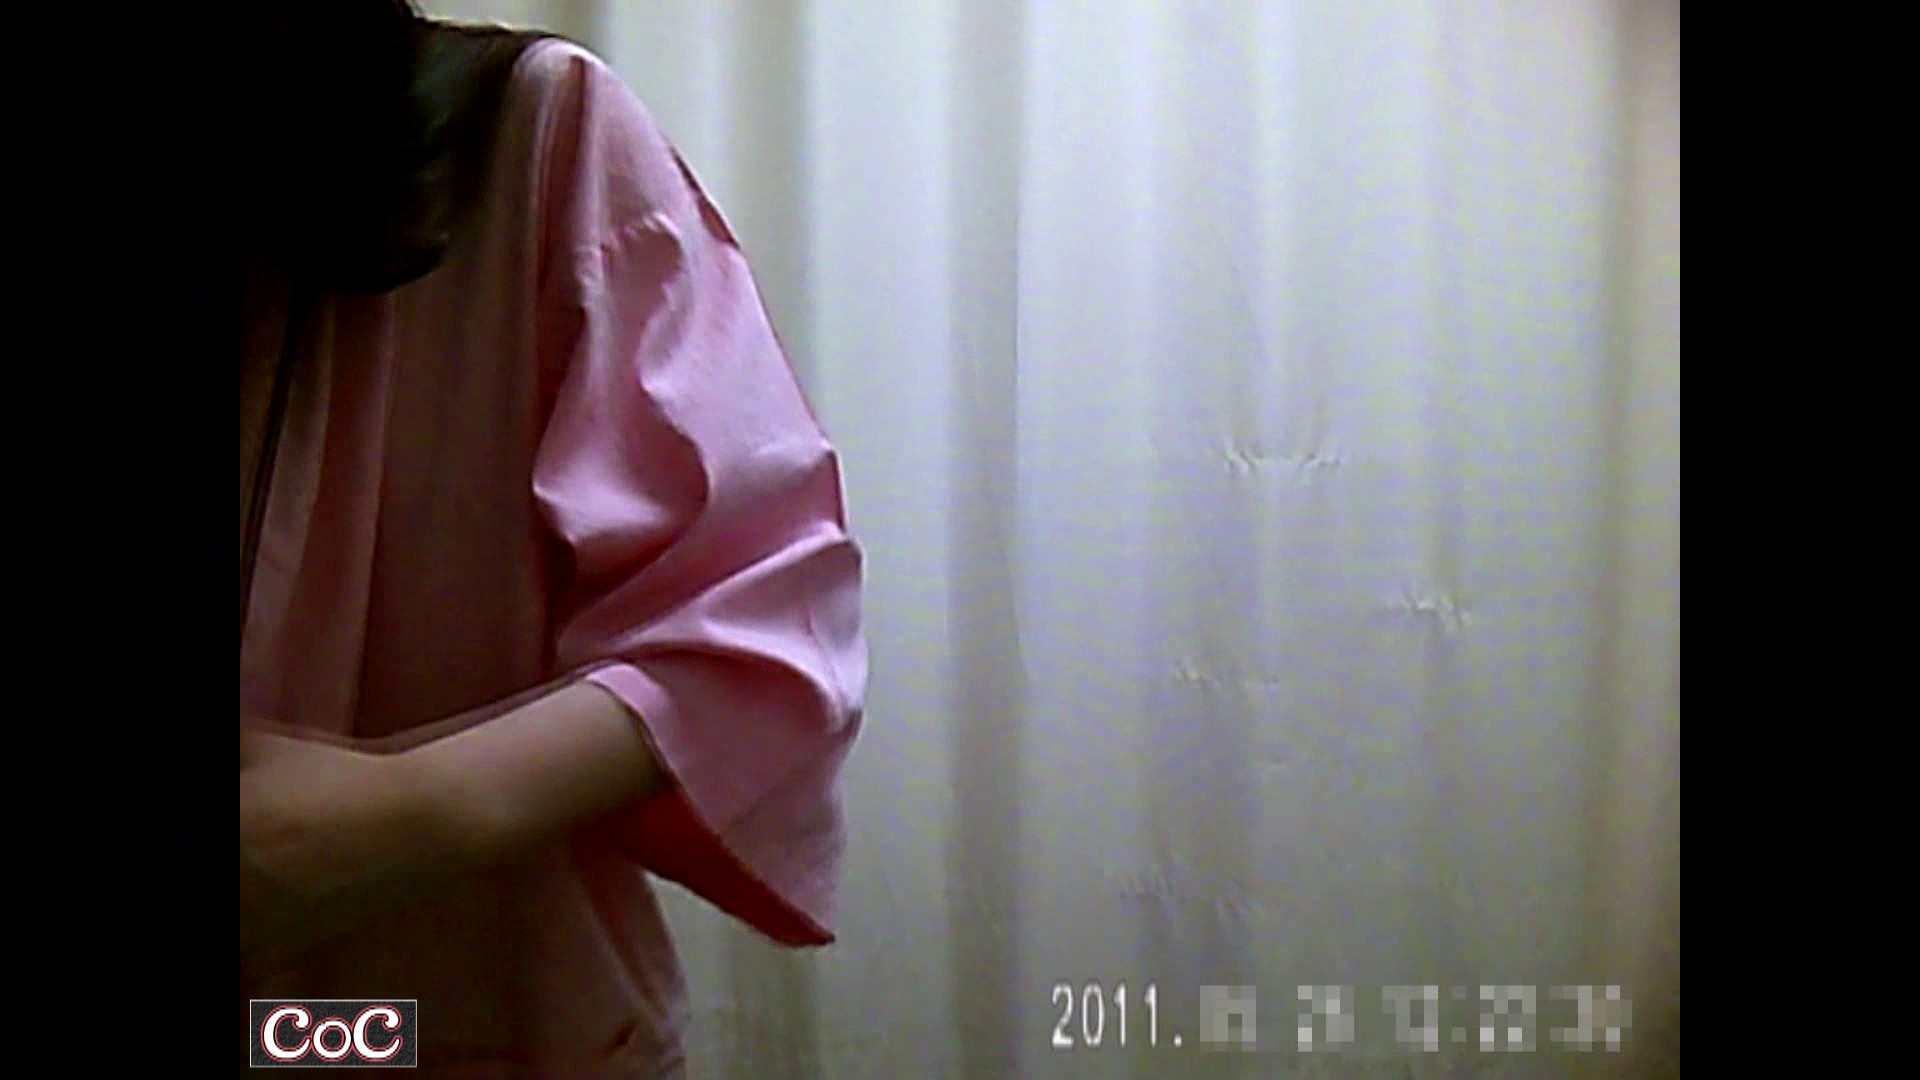 病院おもいっきり着替え! vol.134 HなOL すけべAV動画紹介 99pic 11